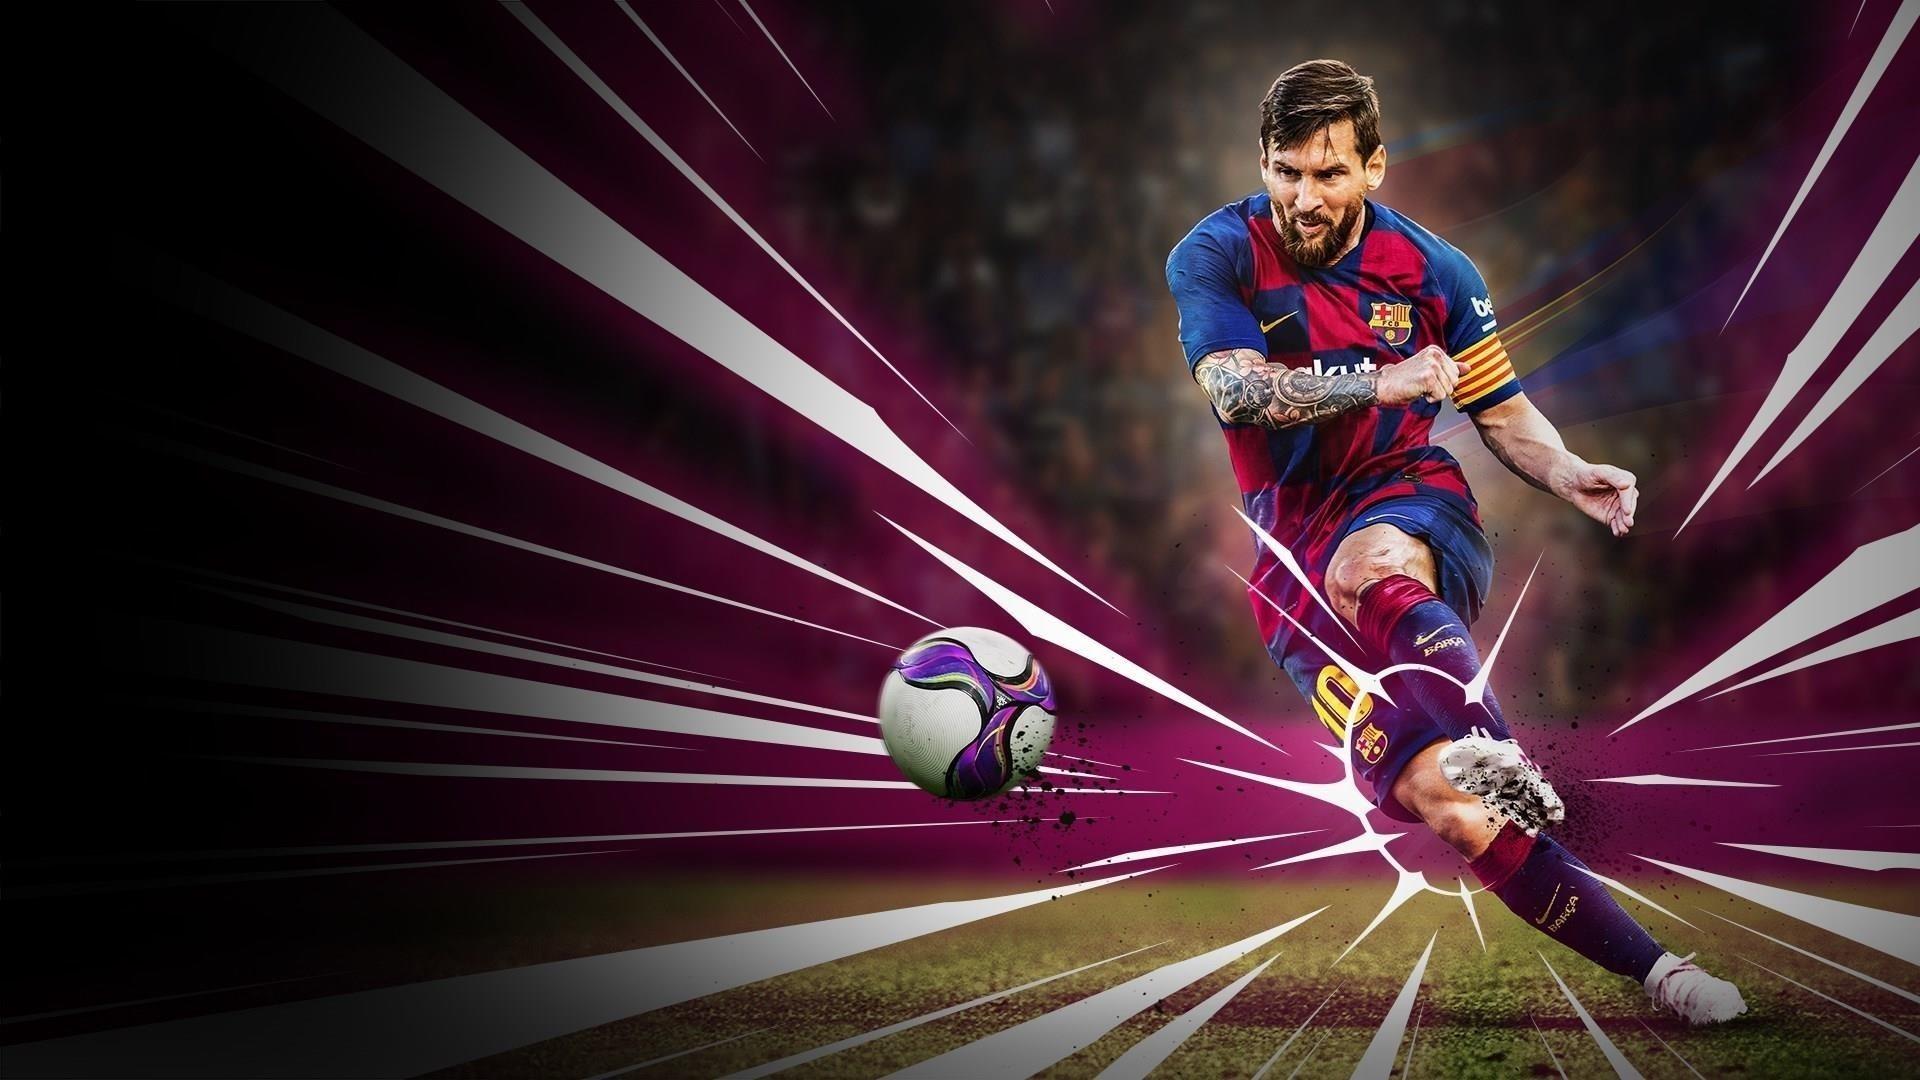 Лионель Месси футбол Pro Evolution футбол 2020 обои скачать